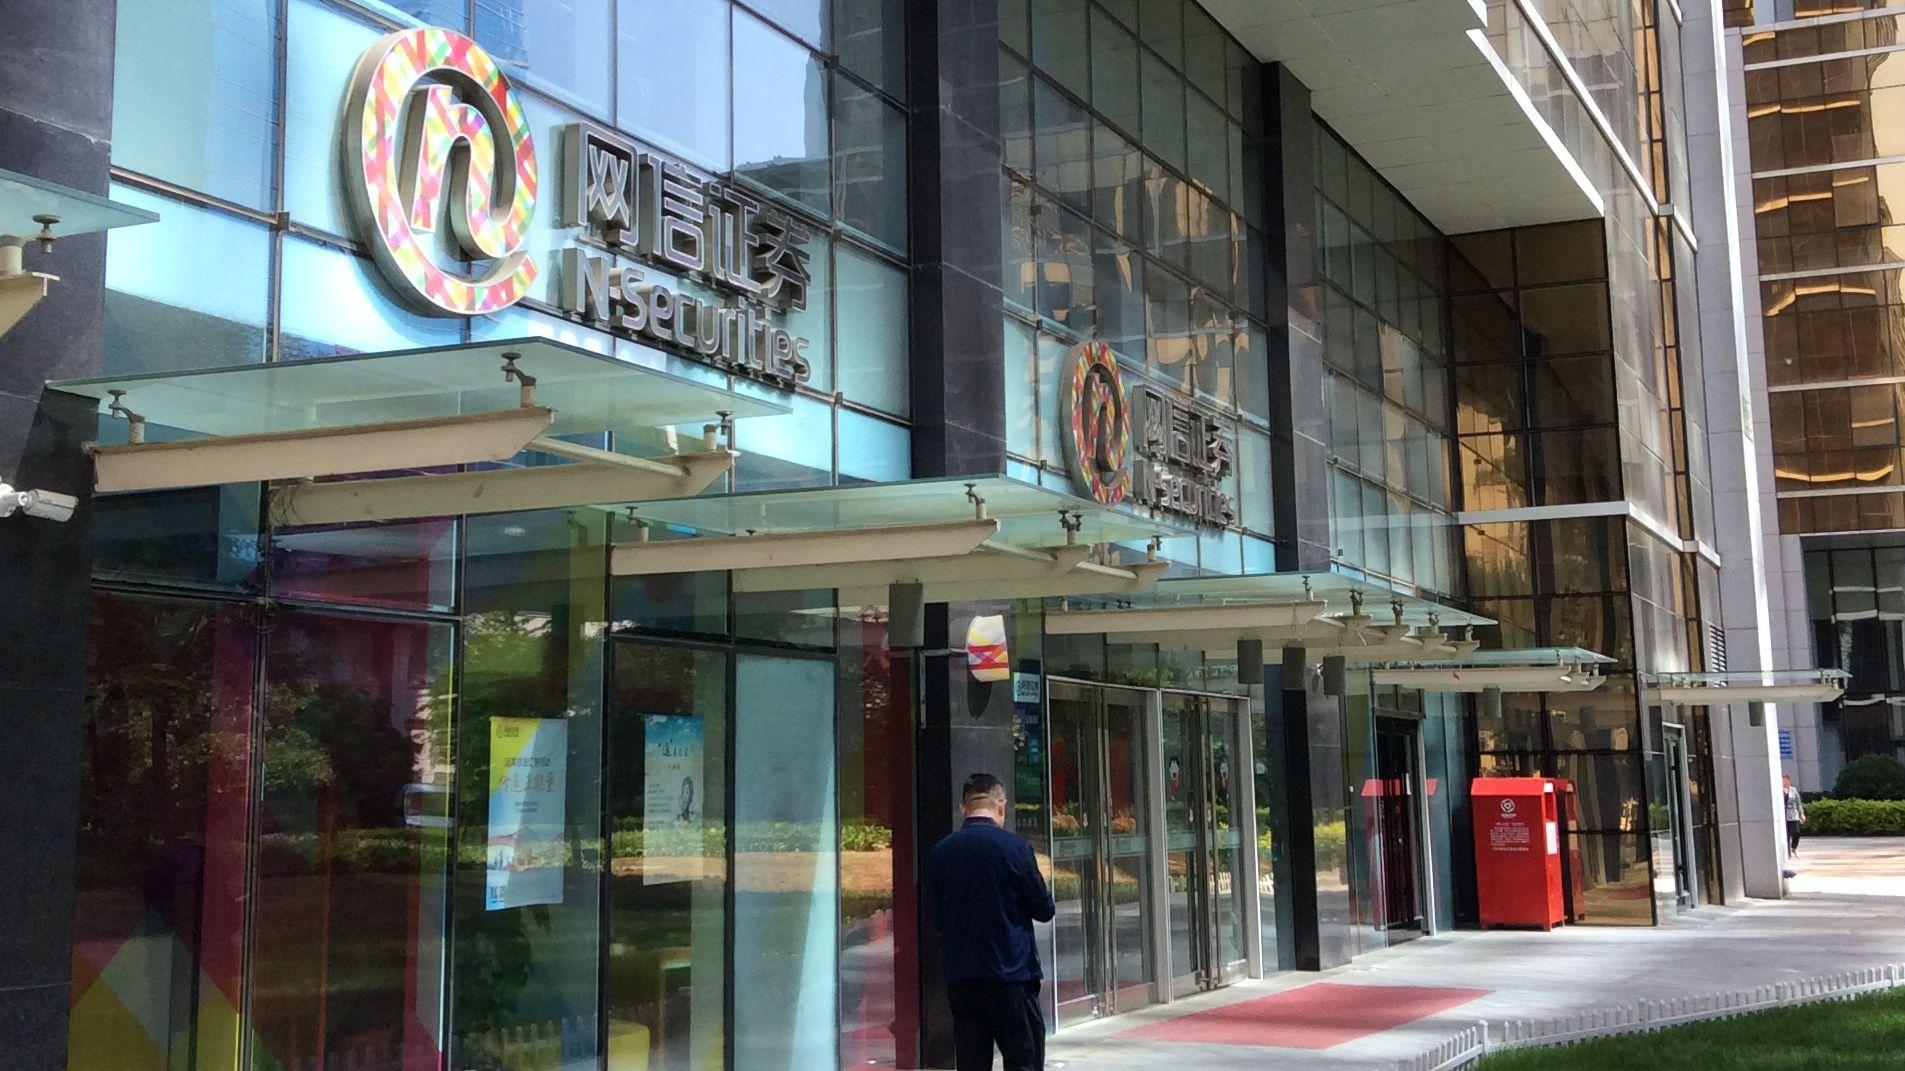 http://www.fanchuhou.com/jiaoyu/762811.html